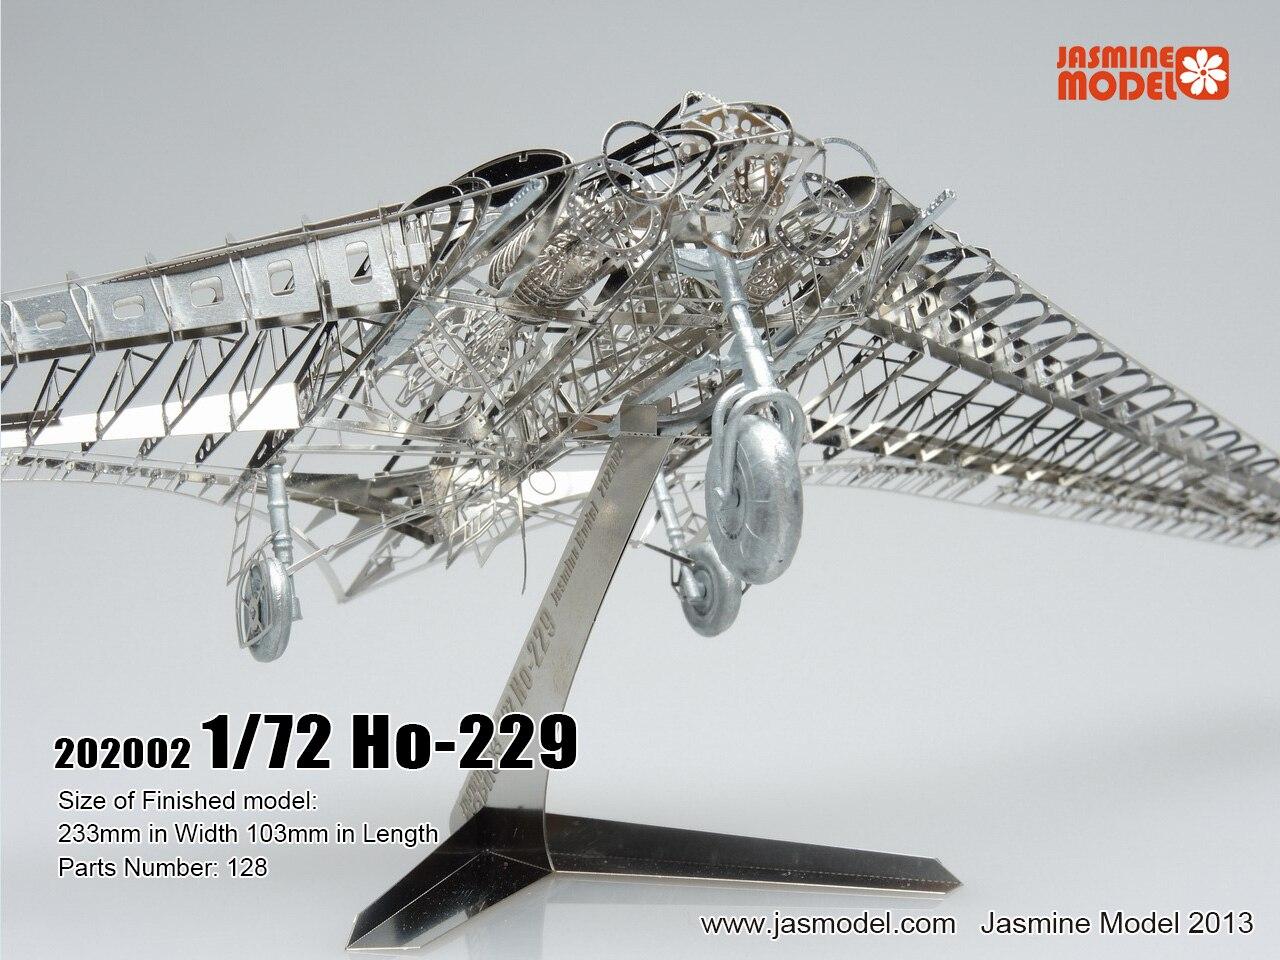 هورتون jasminemodel 1/72 الامبراطوري الطائرات، ألمانيا gotha الذهاب ho 229 3d المعادن نموذج هيكل عظمي تجميعها اللغز صعبة للغاية-في ألغاز من الألعاب والهوايات على  مجموعة 1